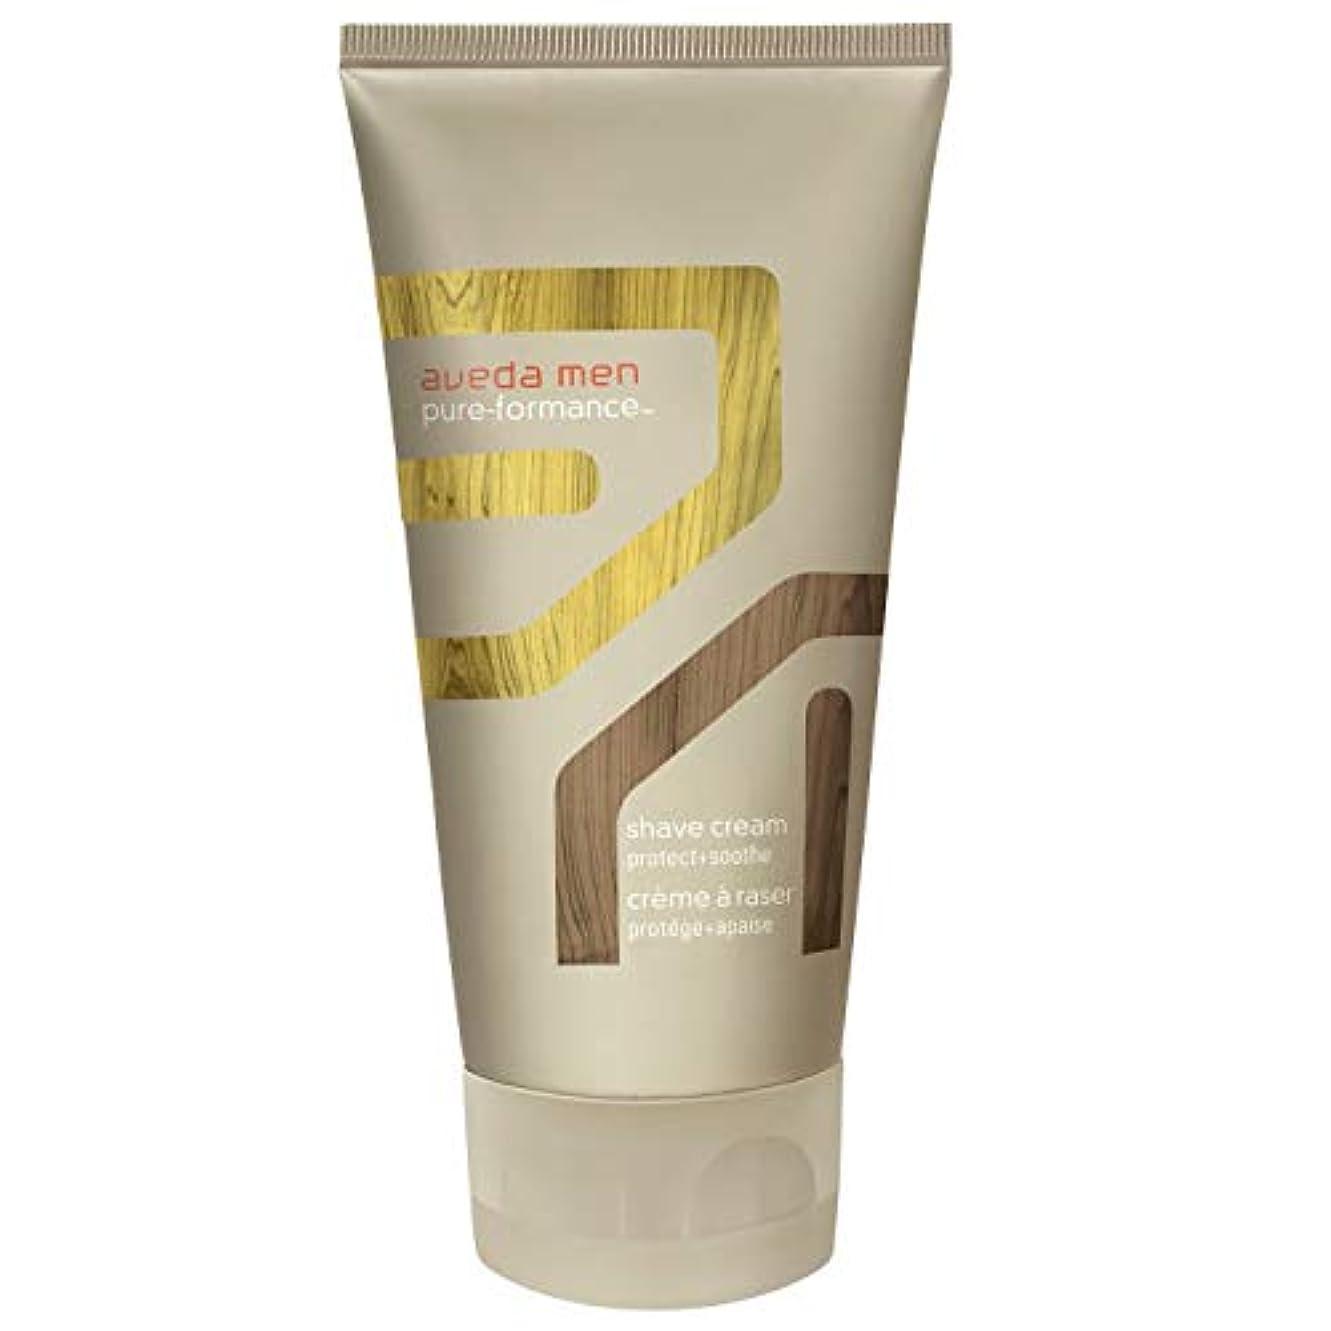 キャンプすり減る振る舞い[AVEDA] アヴェダ男性の純粋な-Formanceシェーブクリーム150ミリリットル - Aveda Men Pure-Formance Shave Cream 150ml [並行輸入品]